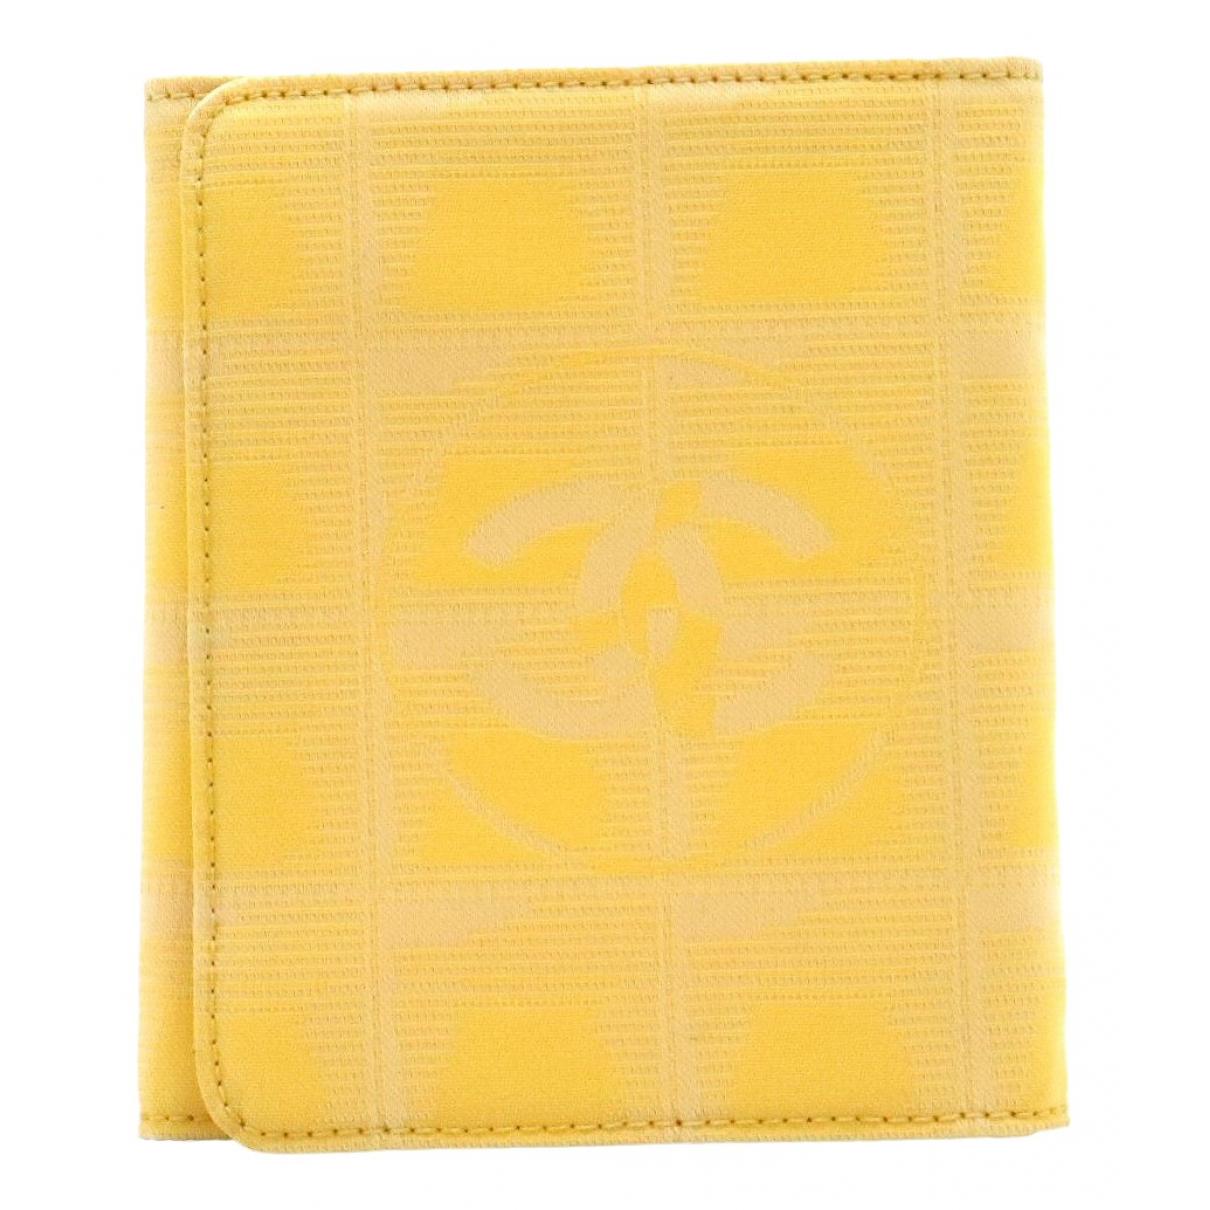 Chanel \N Portemonnaie in  Gelb Leinen